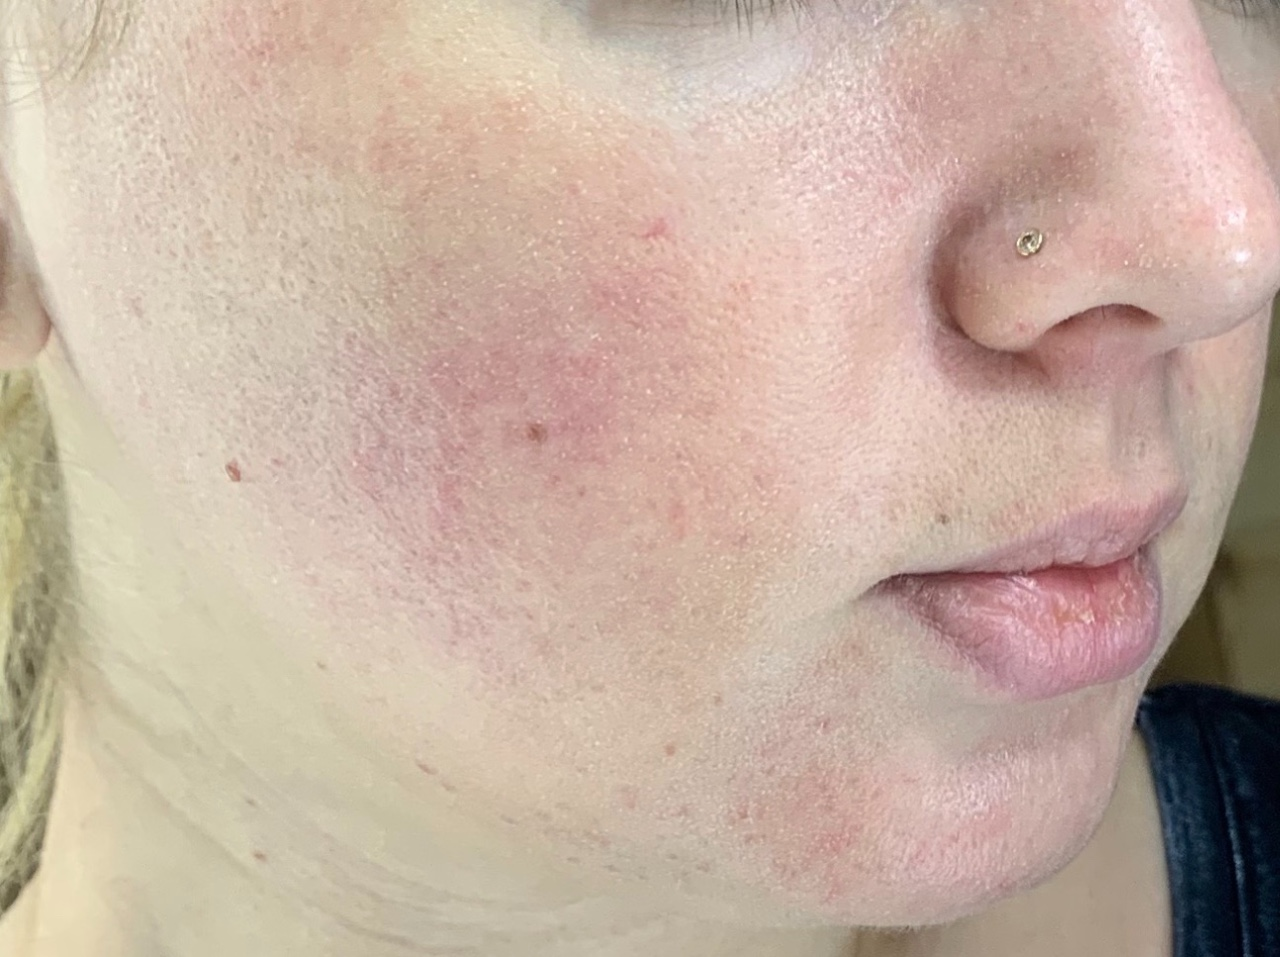 Розацеа на лице: симптомы, фото, лечение. как лечить розацеа